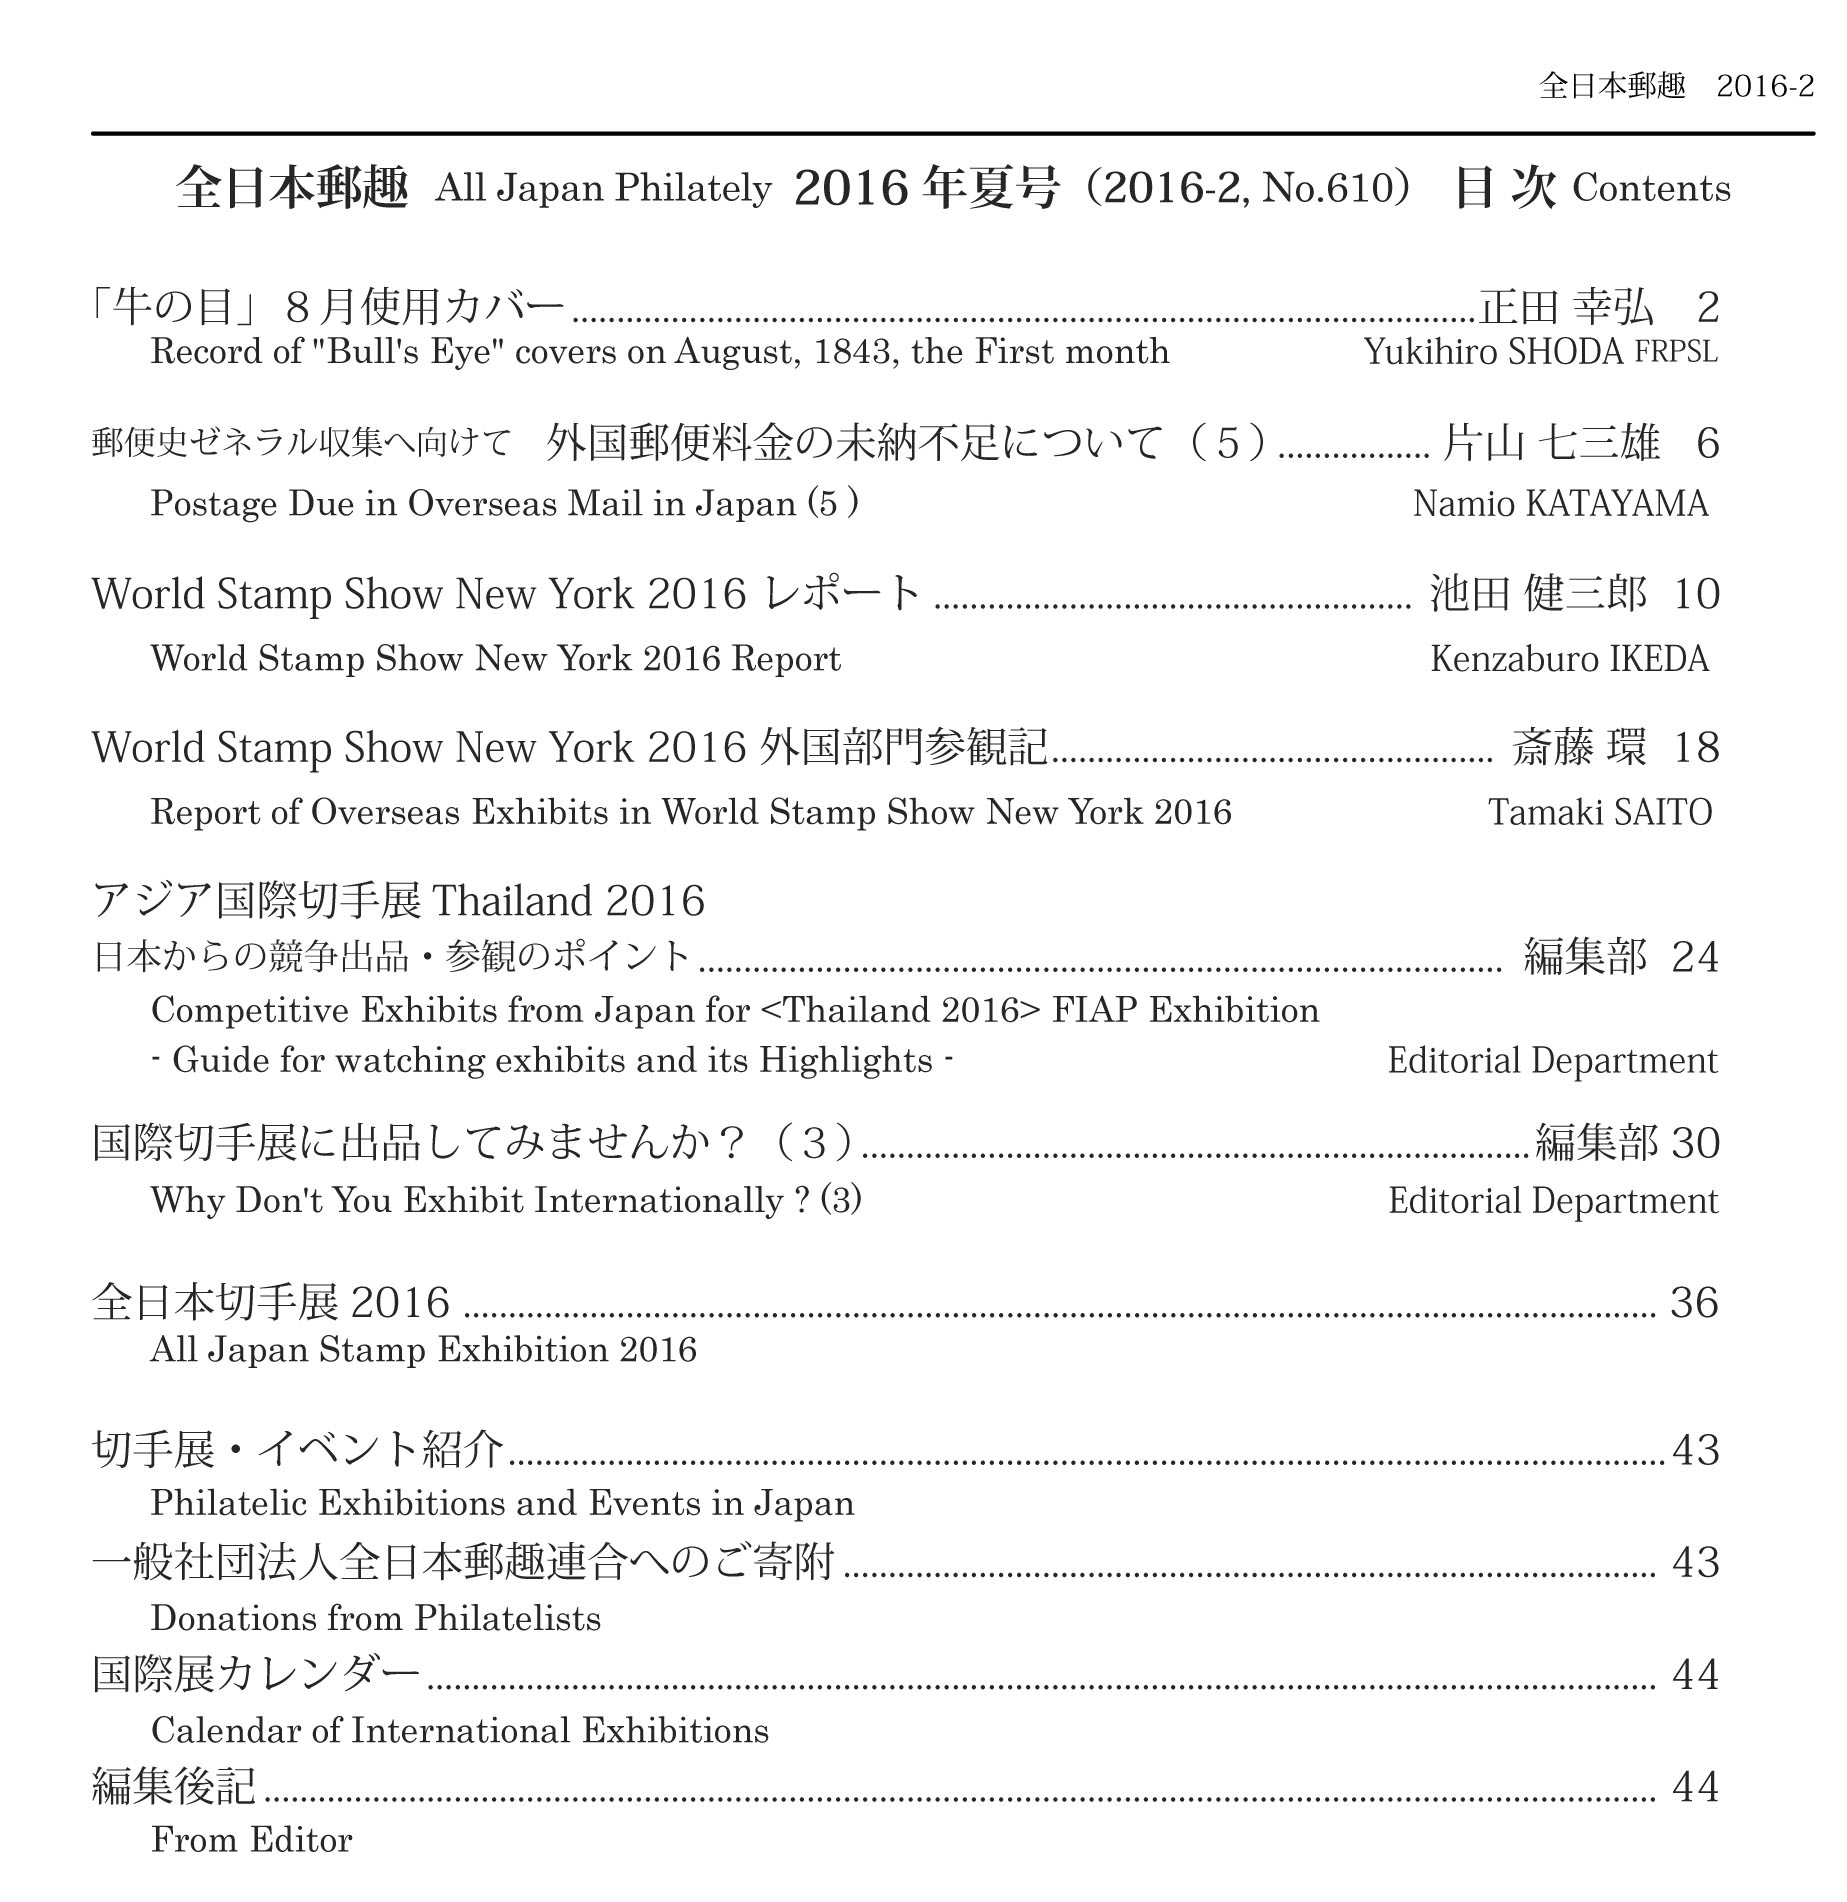 2016-2_contents.jpg